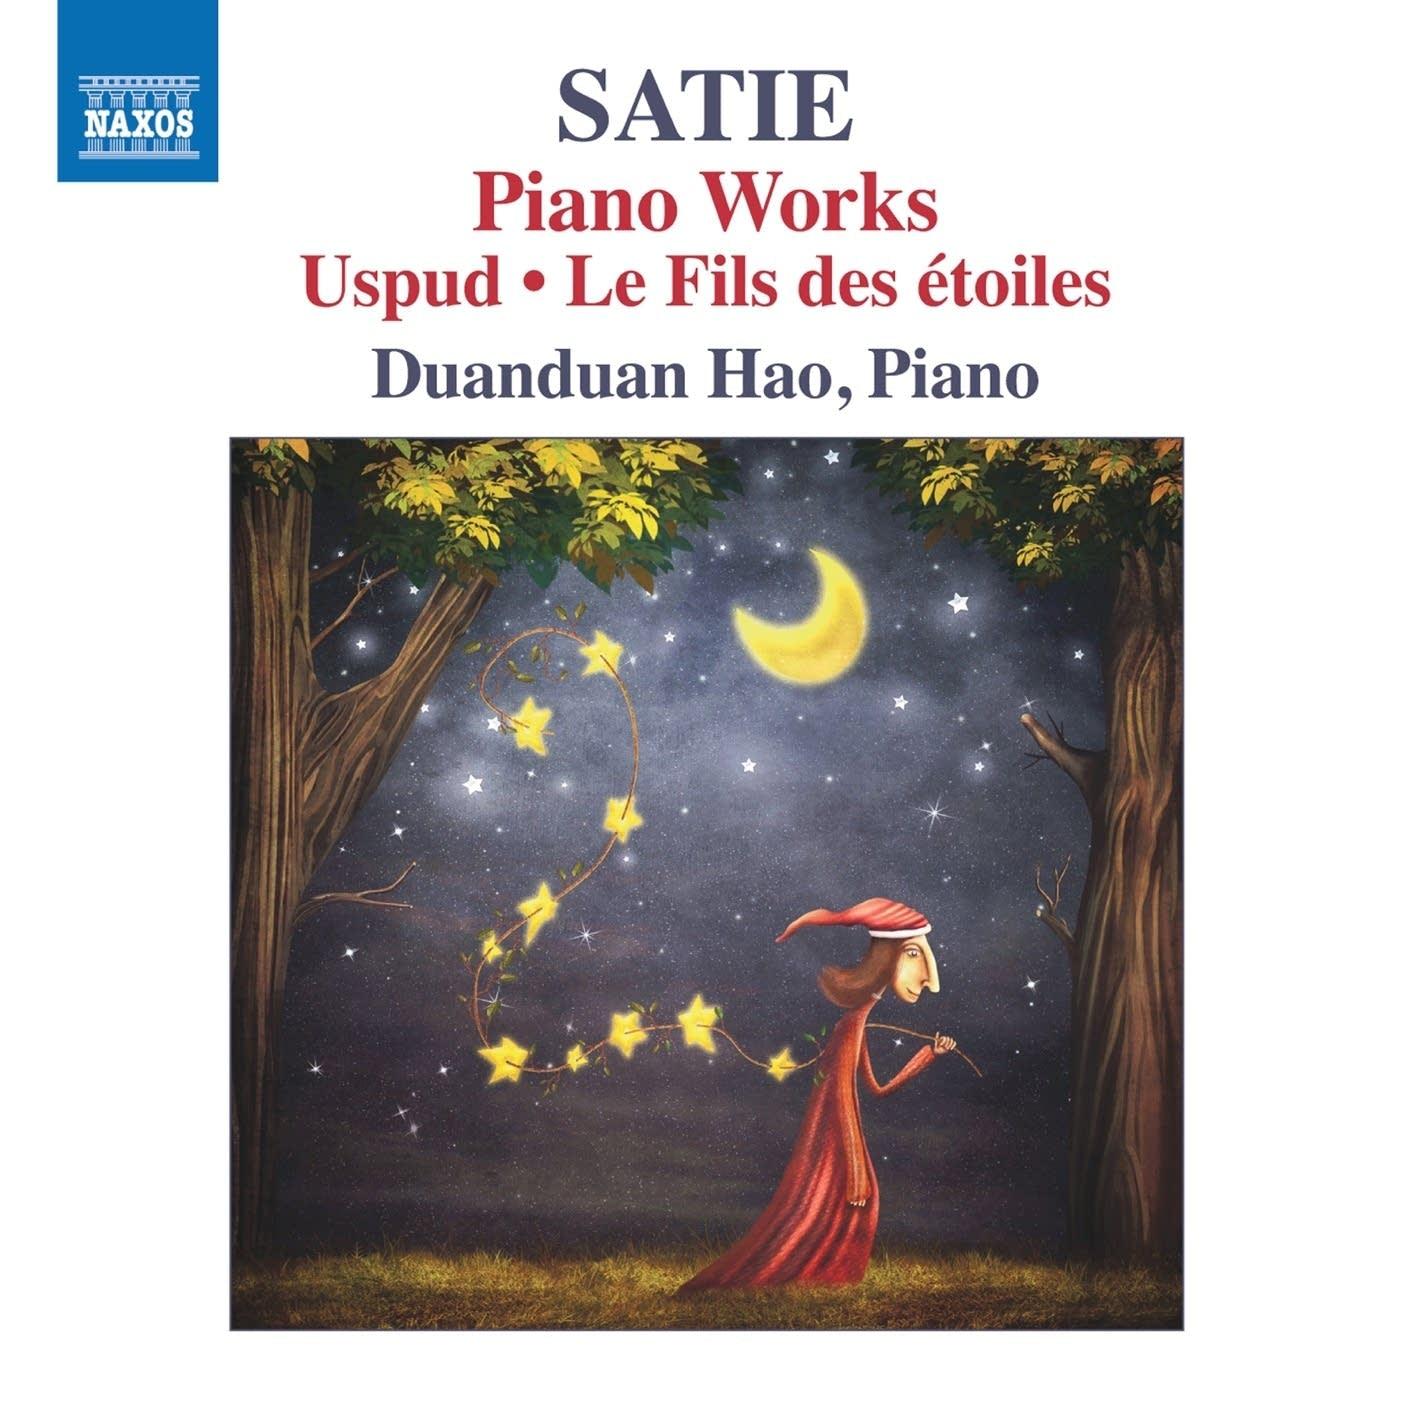 Erik Satie - Tendrement (version for piano)